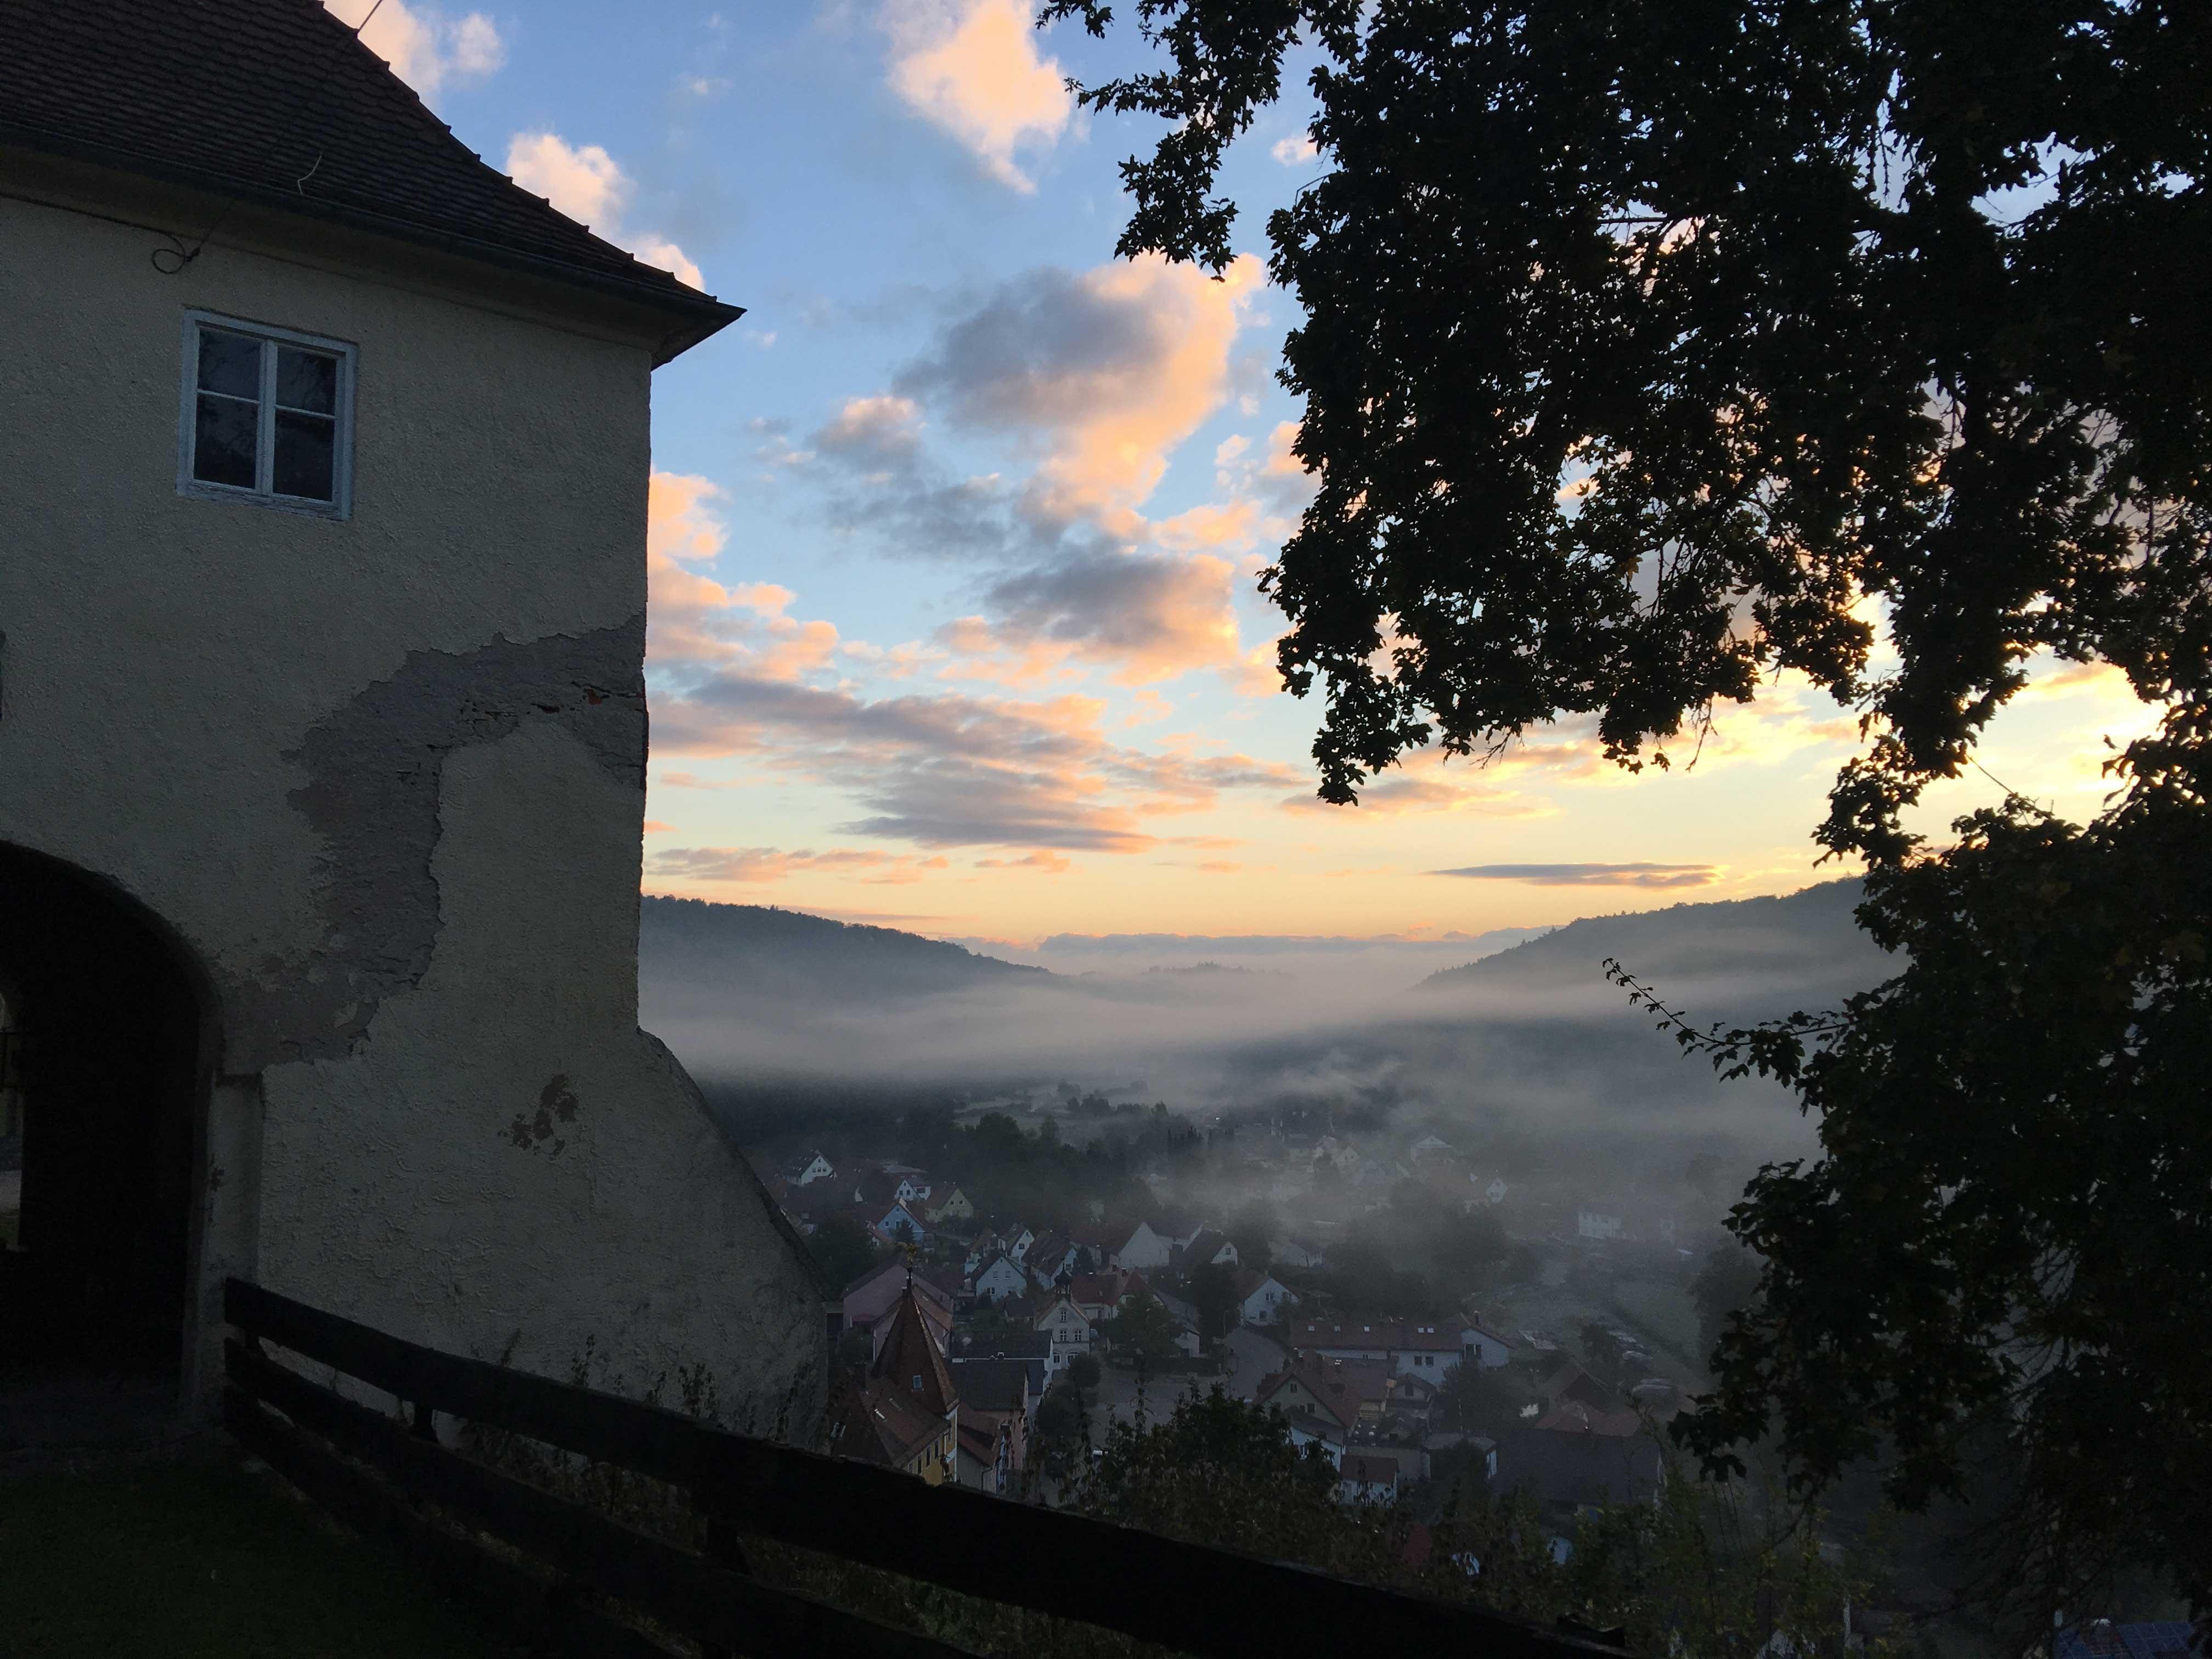 herfstvakantie in een kasteeltoren in Beieren